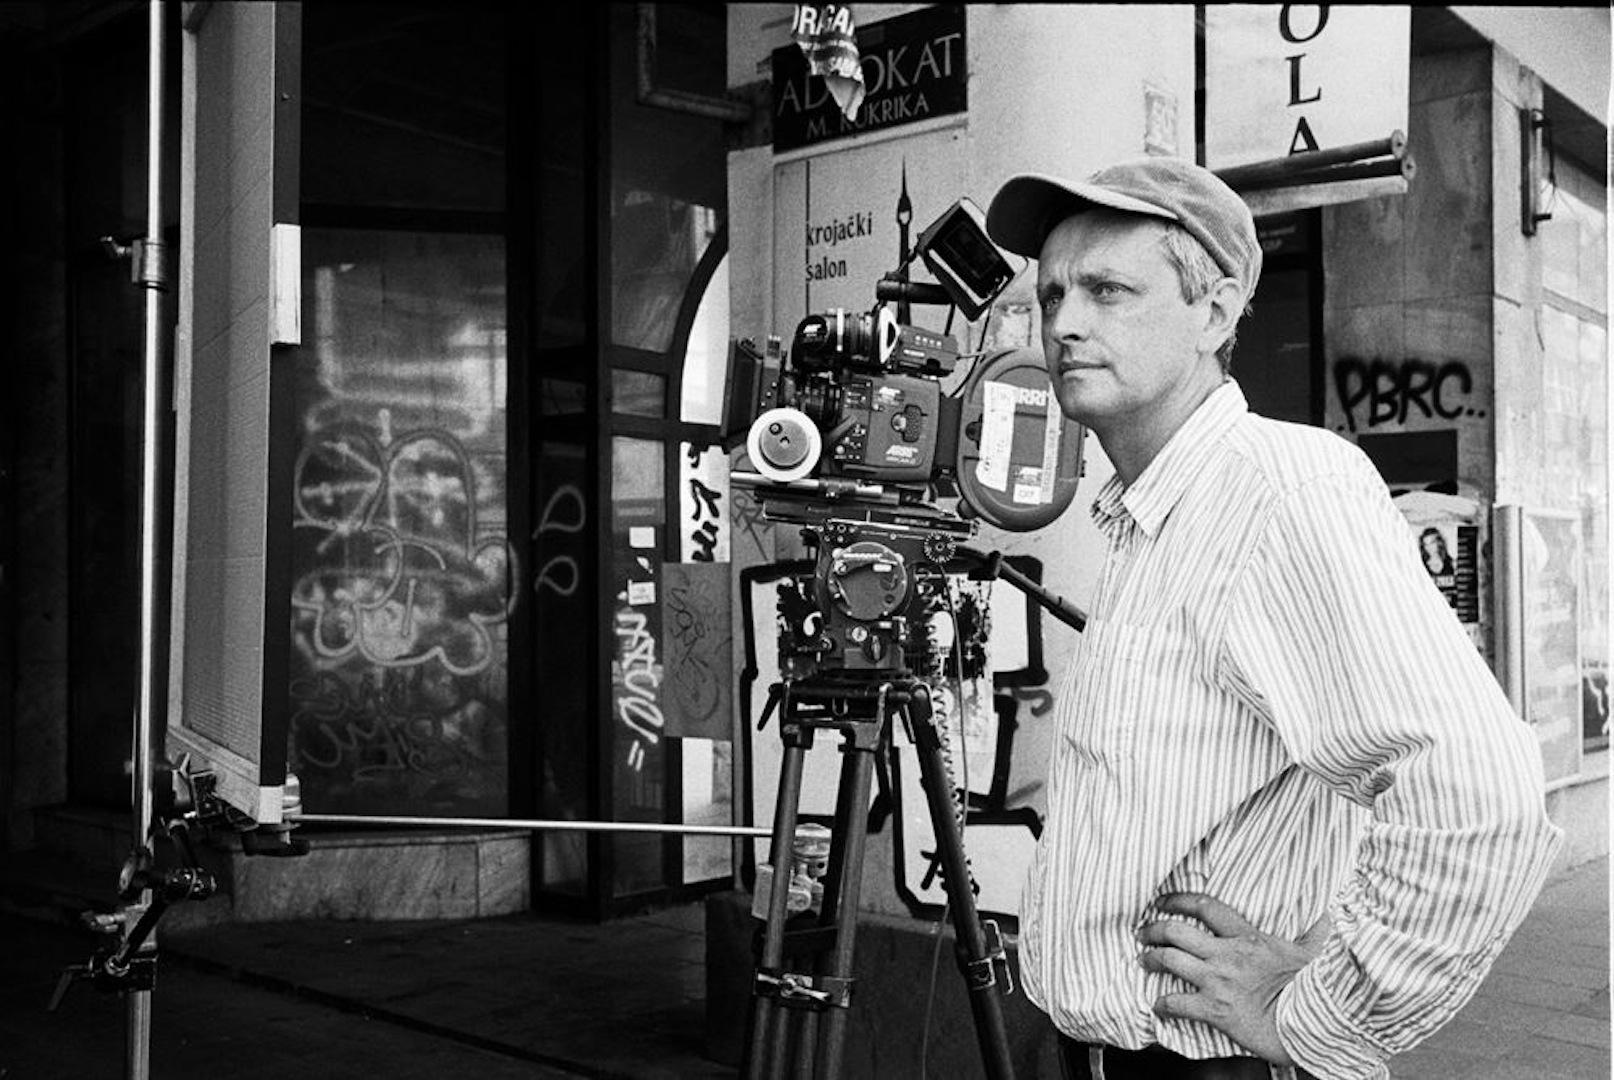 «Бабий Яр. Контекст» получил премию Лондонского кинофестиваля